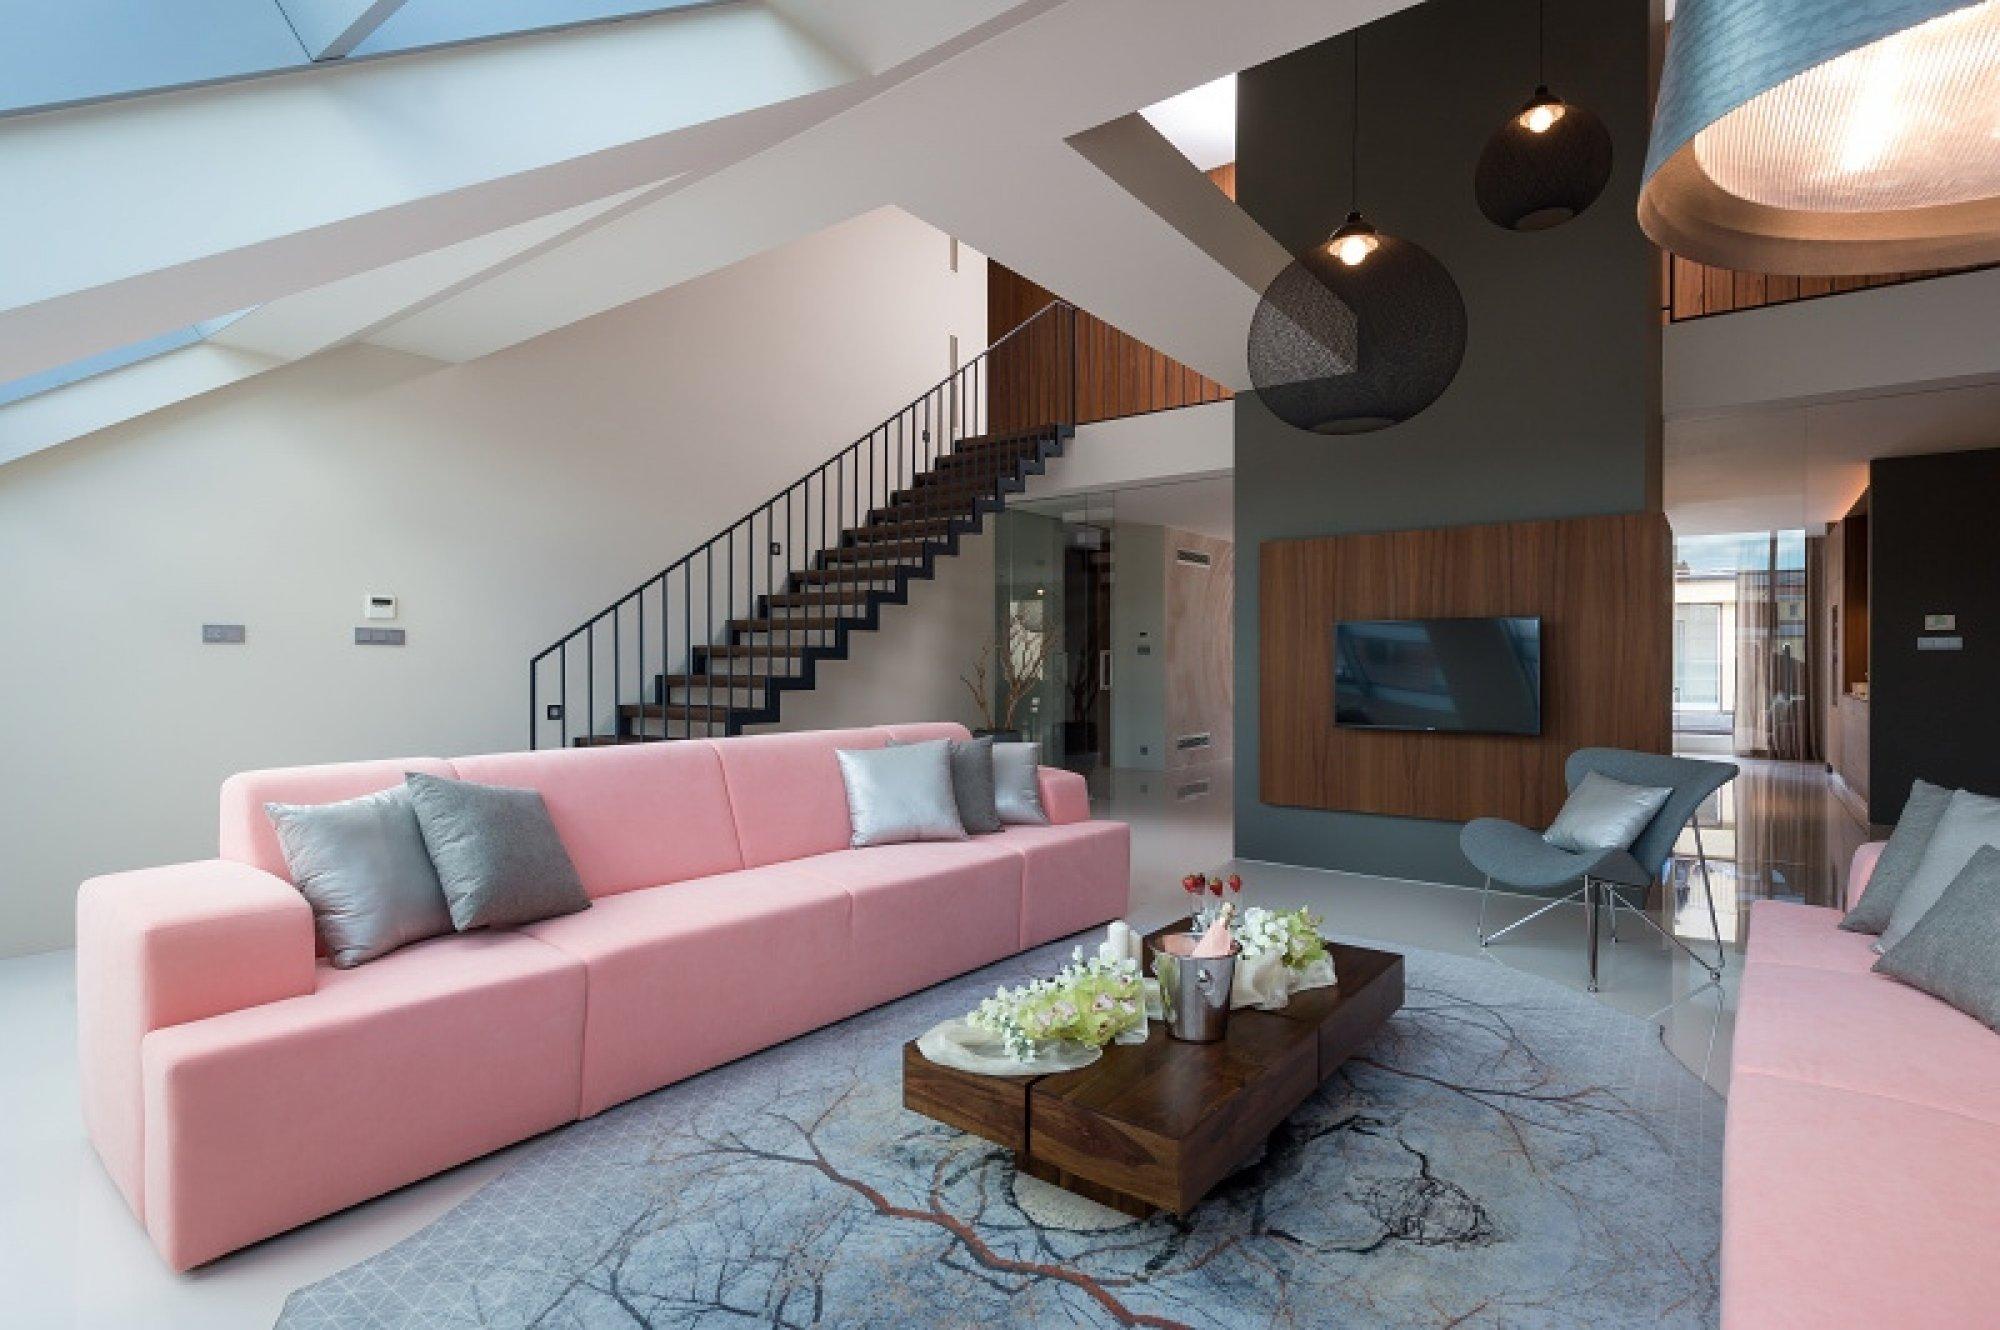 Půdní byt 5+kk, plocha 261 m², ulice Jindřišská, Praha 1 - Nové Město | 3